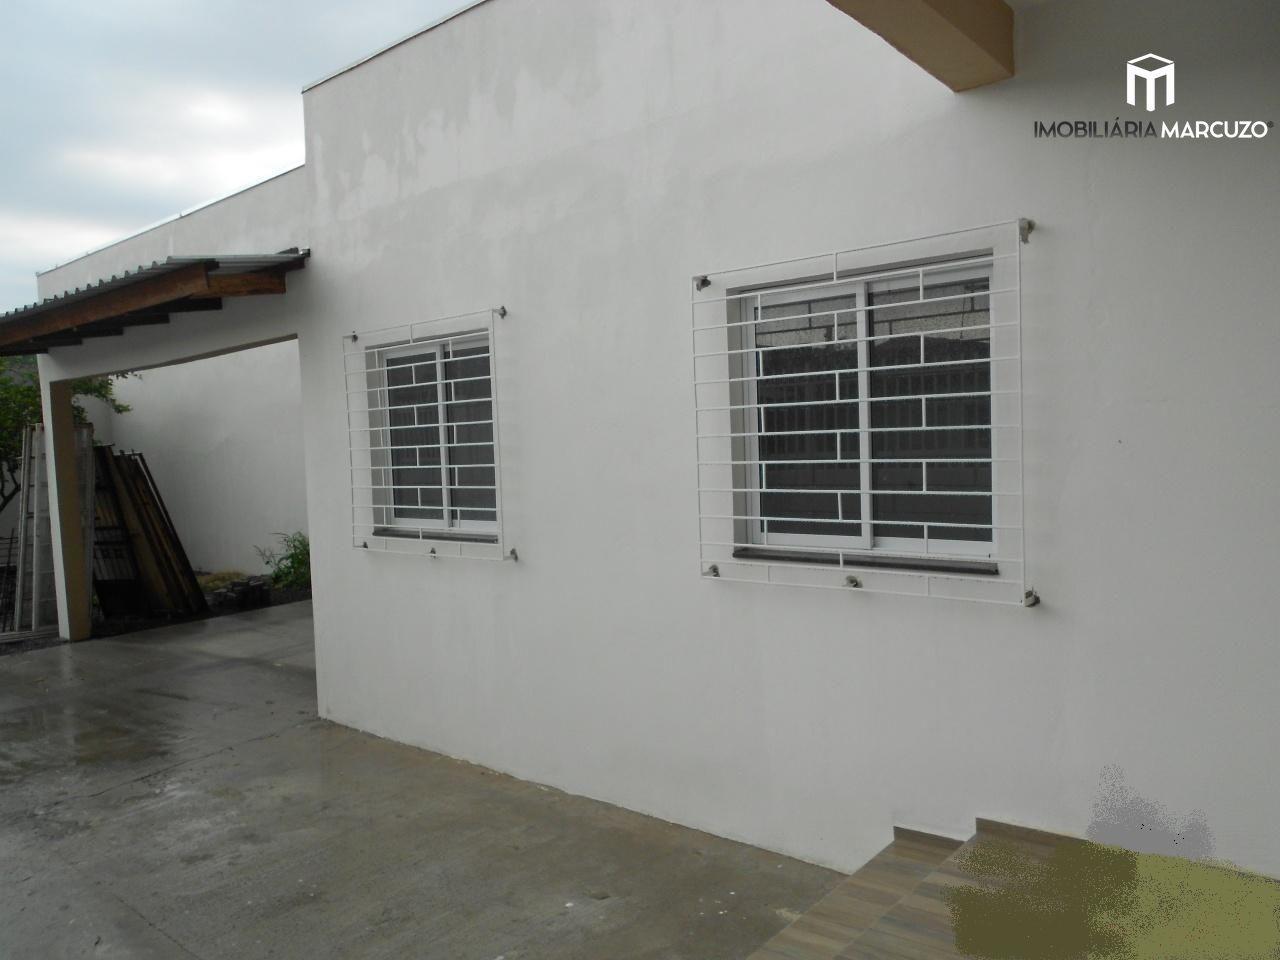 Casa com 3 Dormitórios à venda, 144 m² por R$ 390.000,00